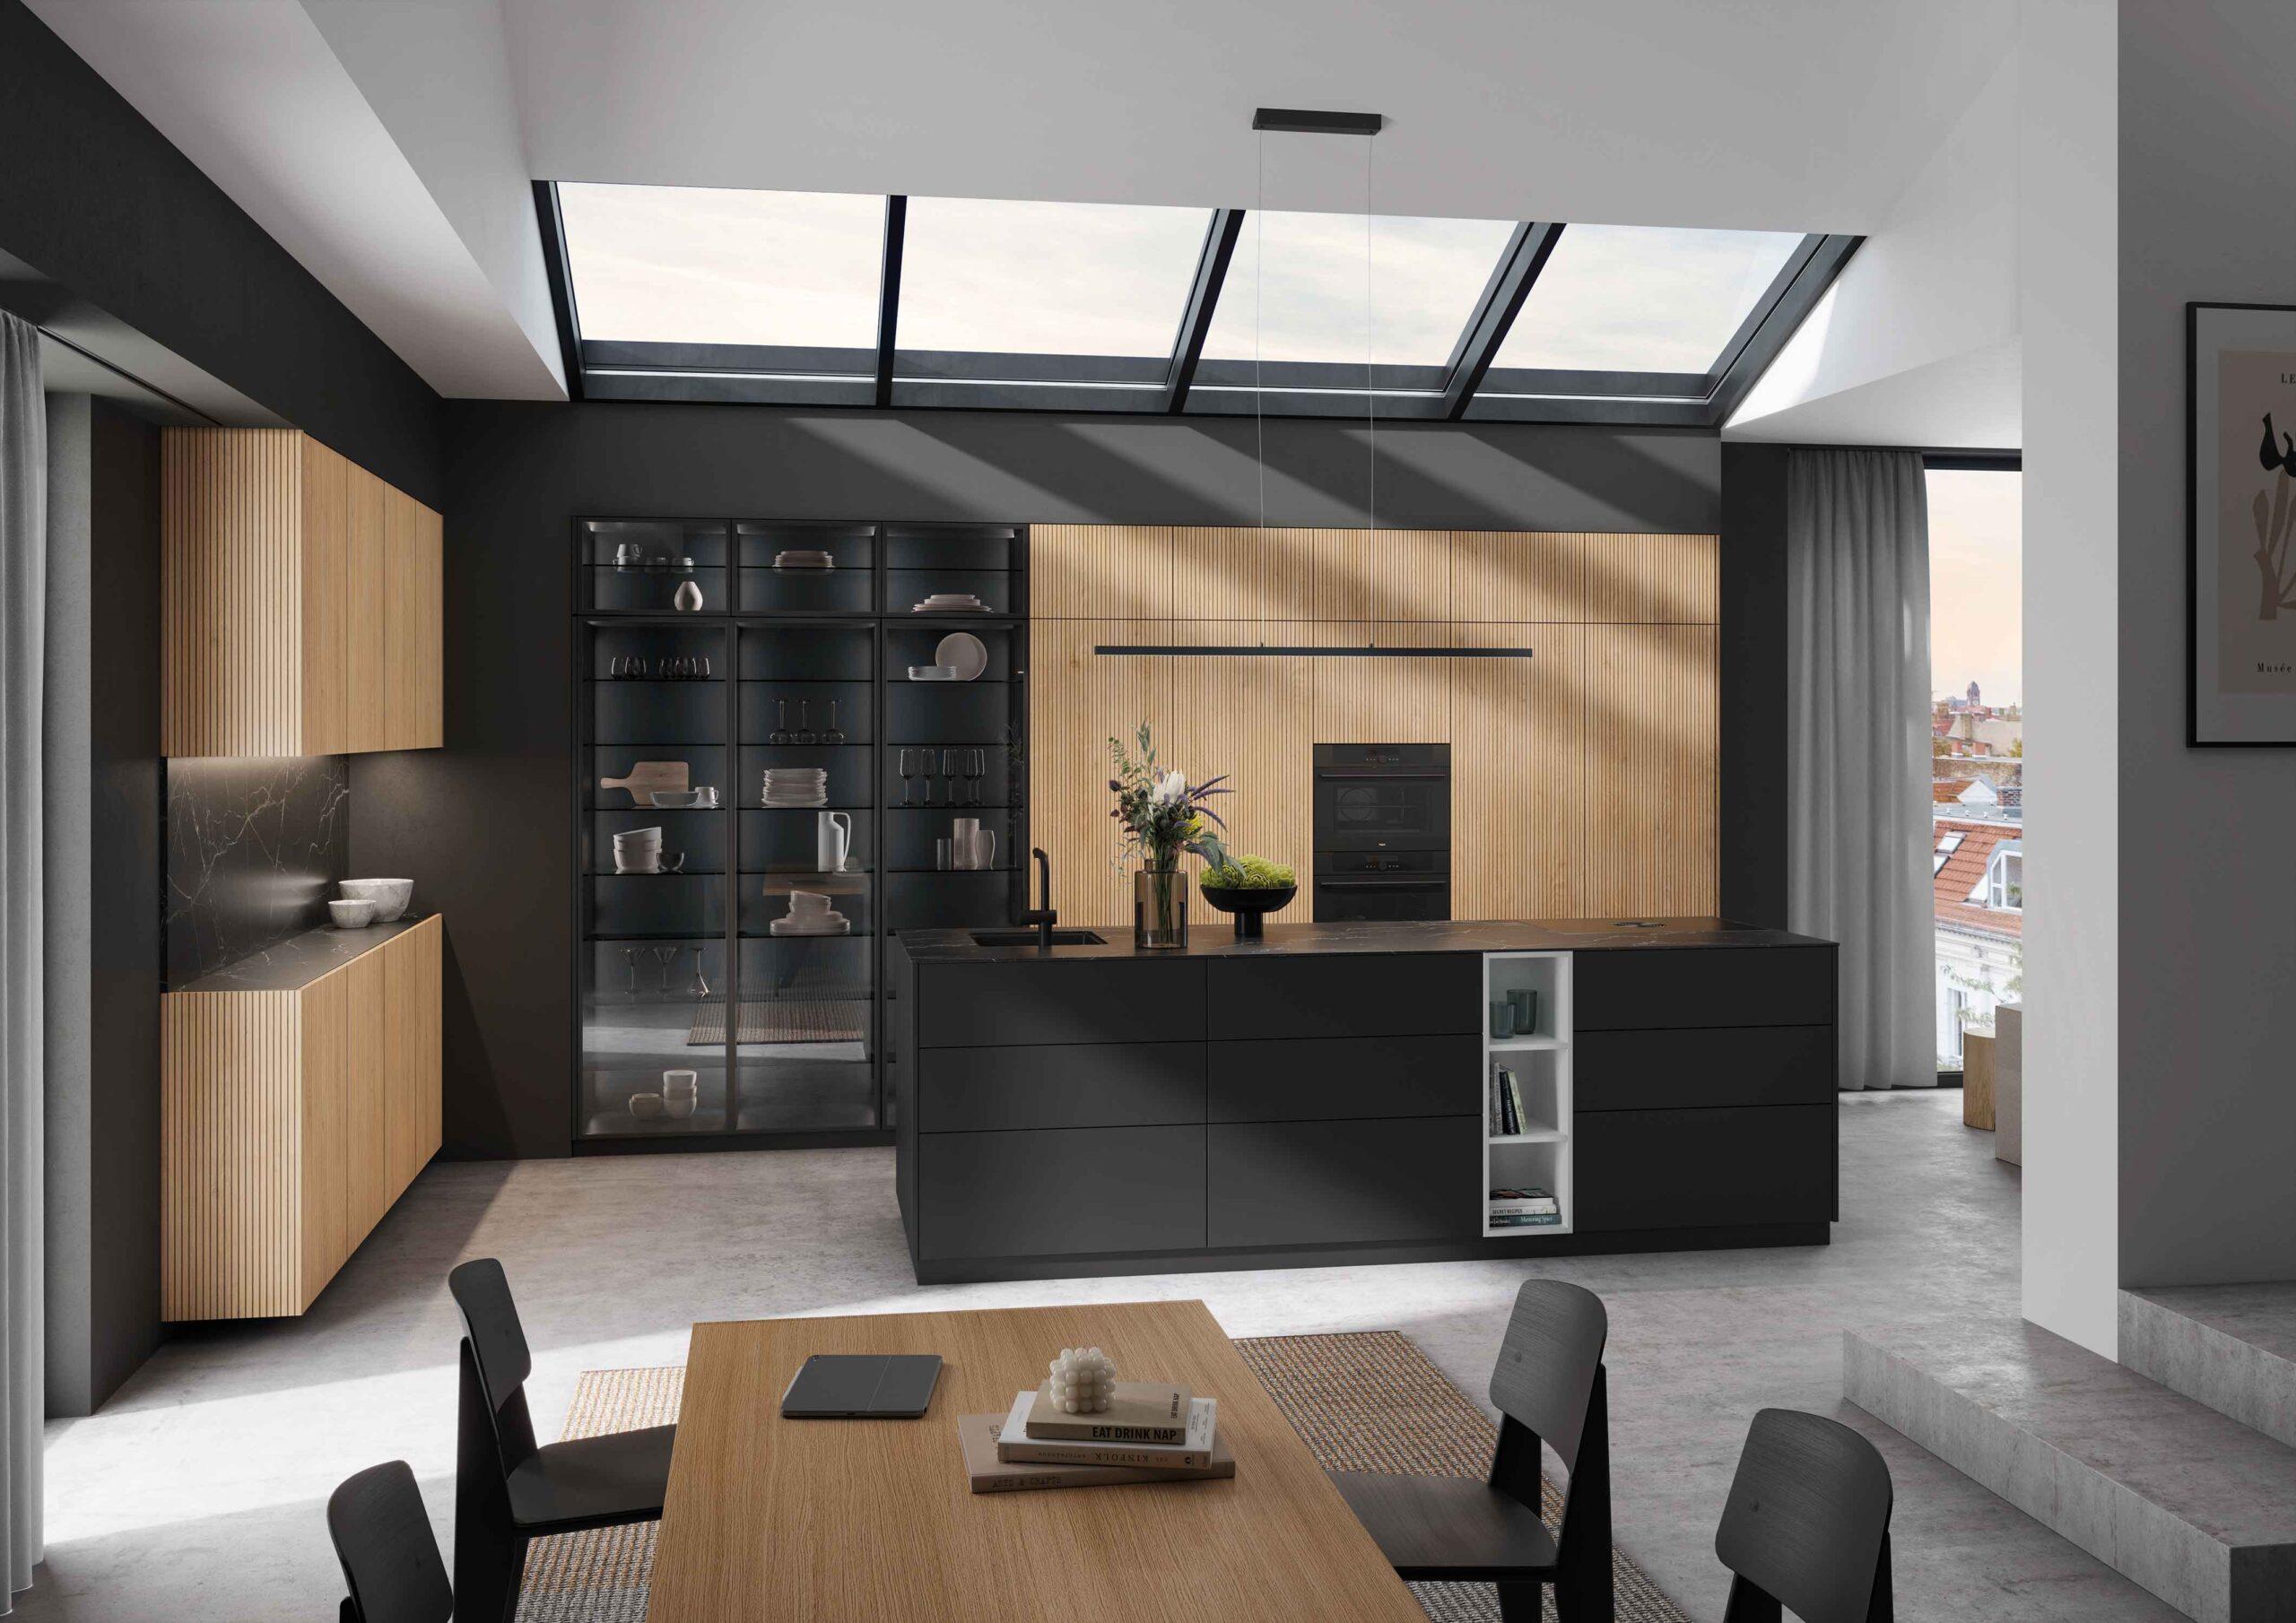 Rotpunkt moderne keukenstijl